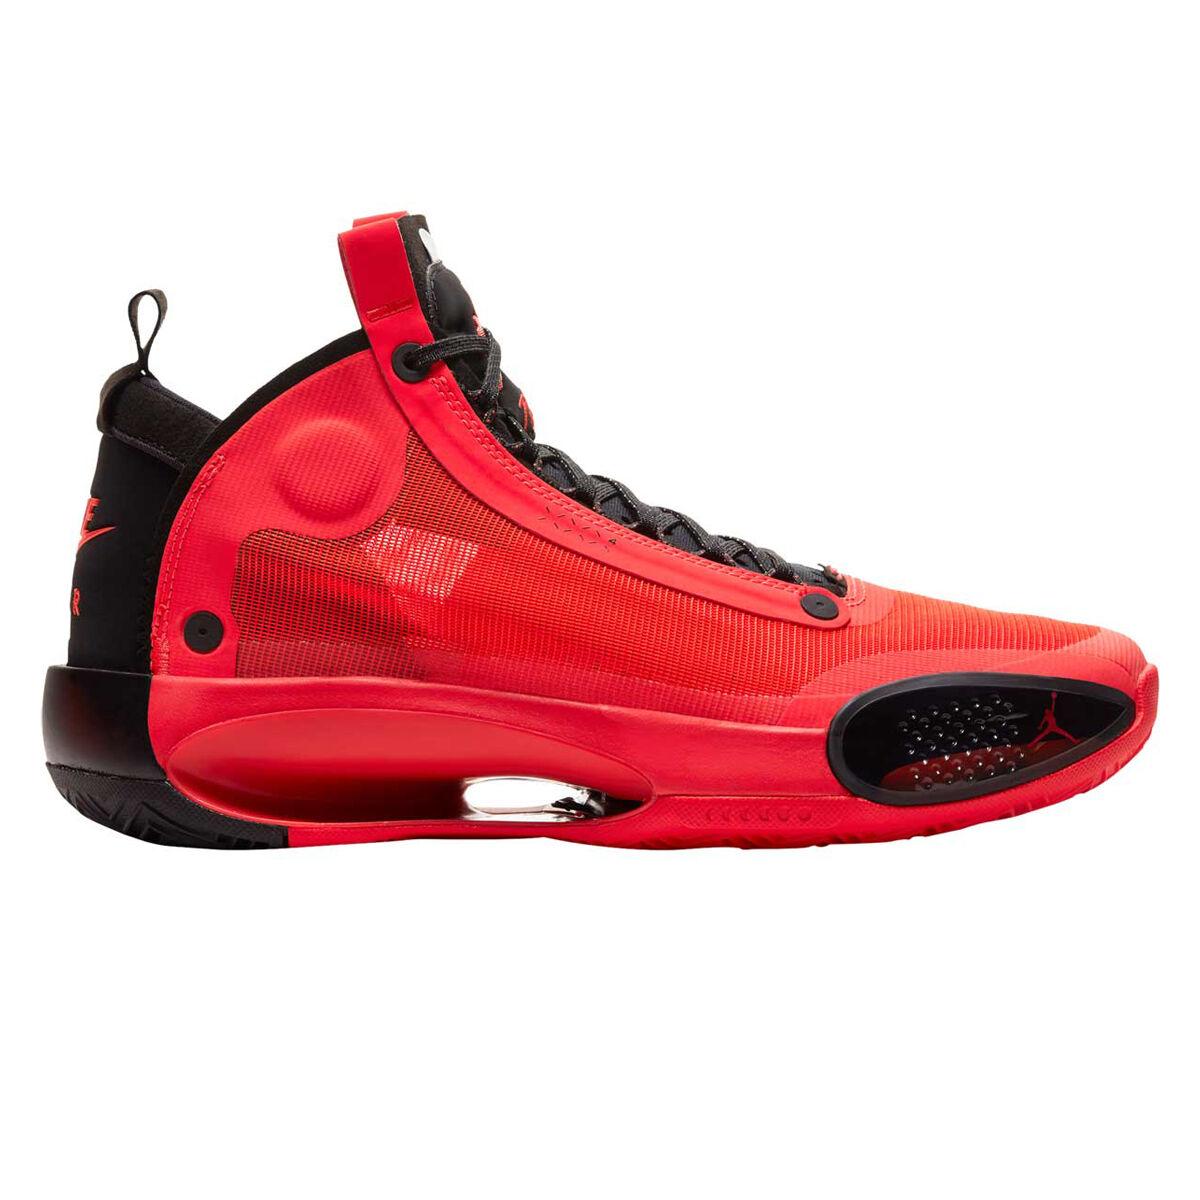 Super Max Adidas Crazy Explosive Boost Men Shoes_1 Crazy